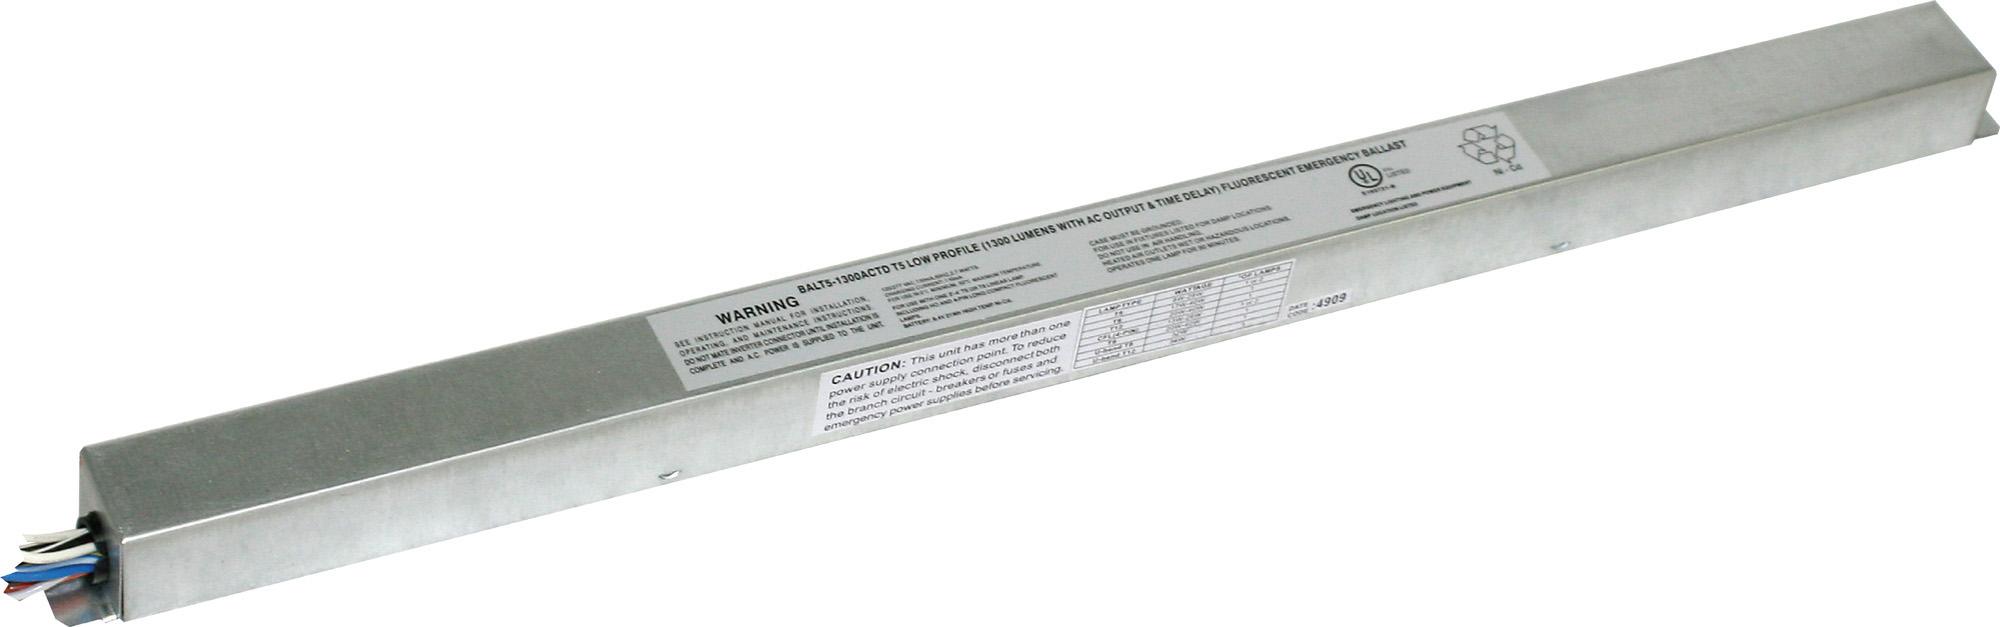 BALT5-1300ACTD